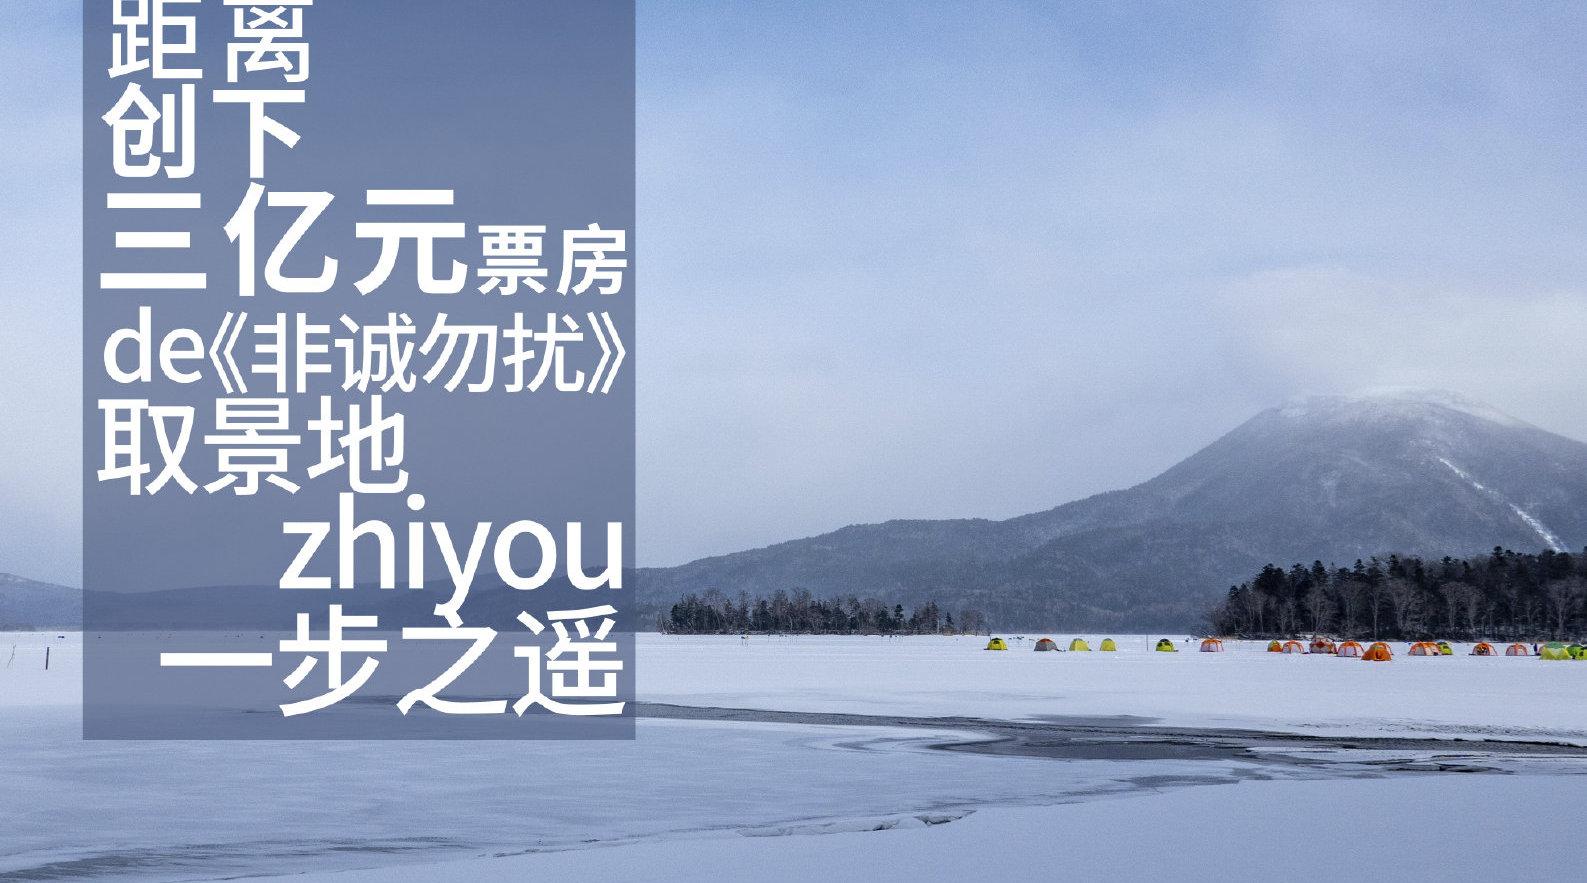 上个月底去了北海道,本来没有计划阿寒湖的行程